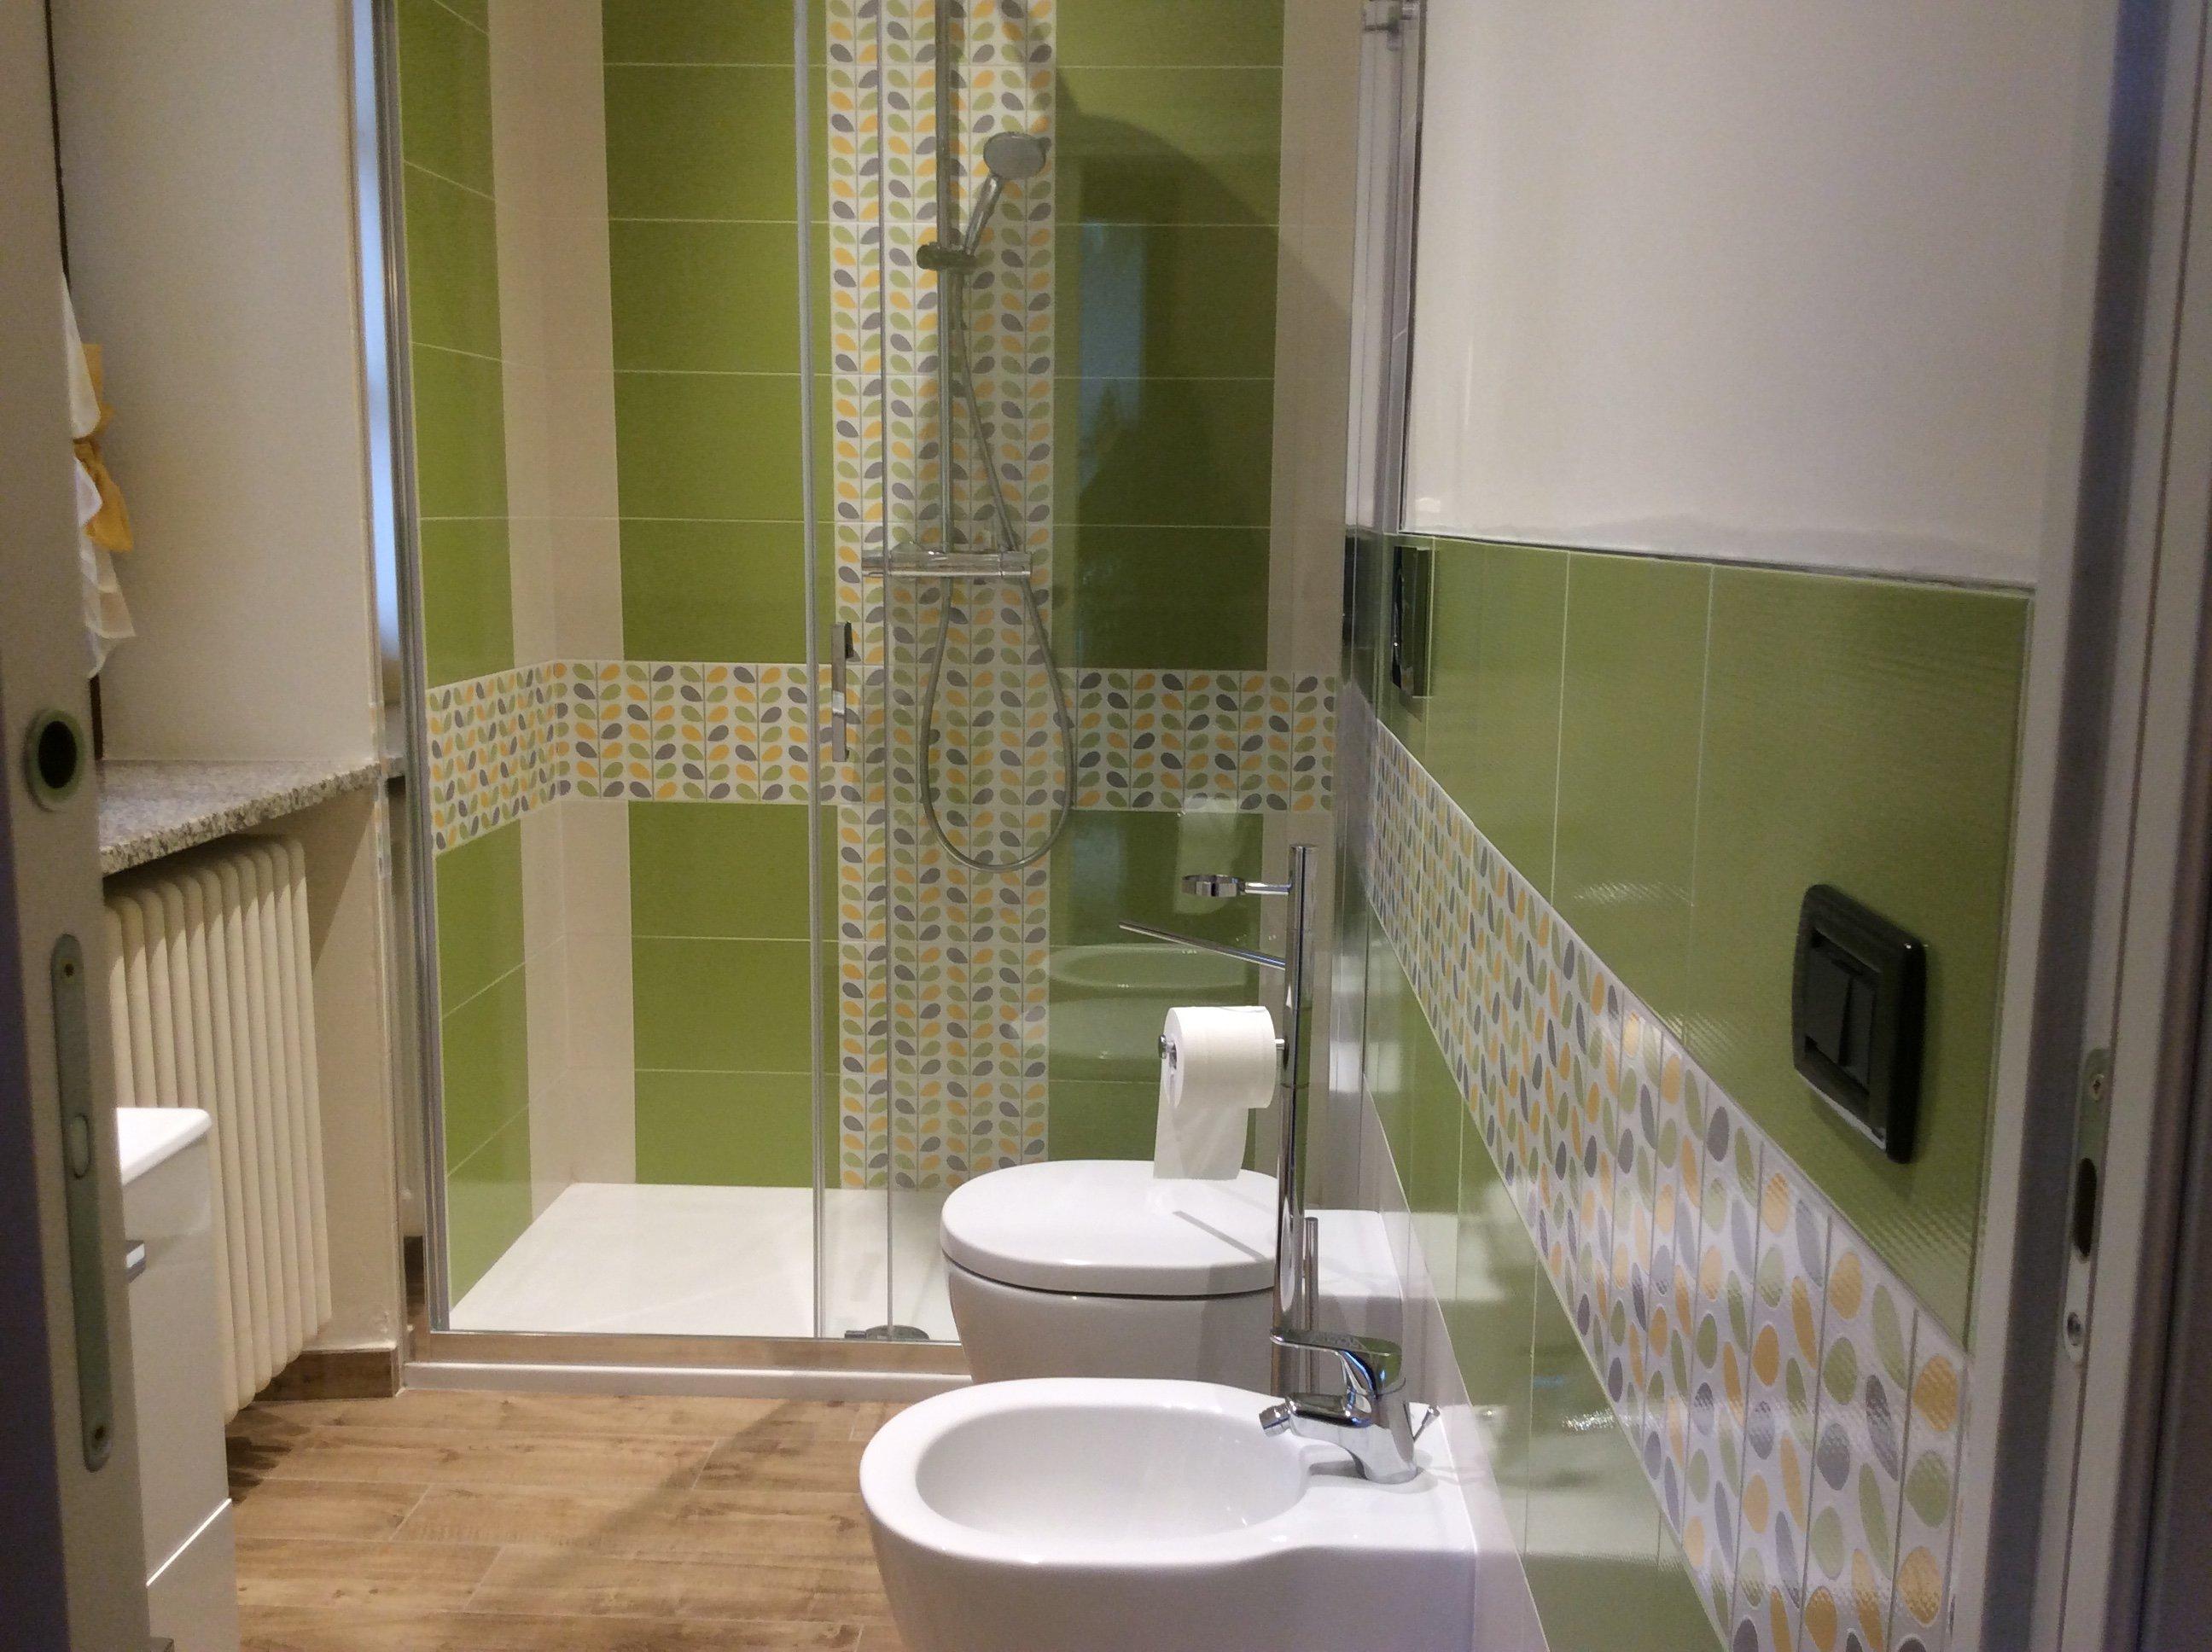 servizi igienici della camera attrezzata